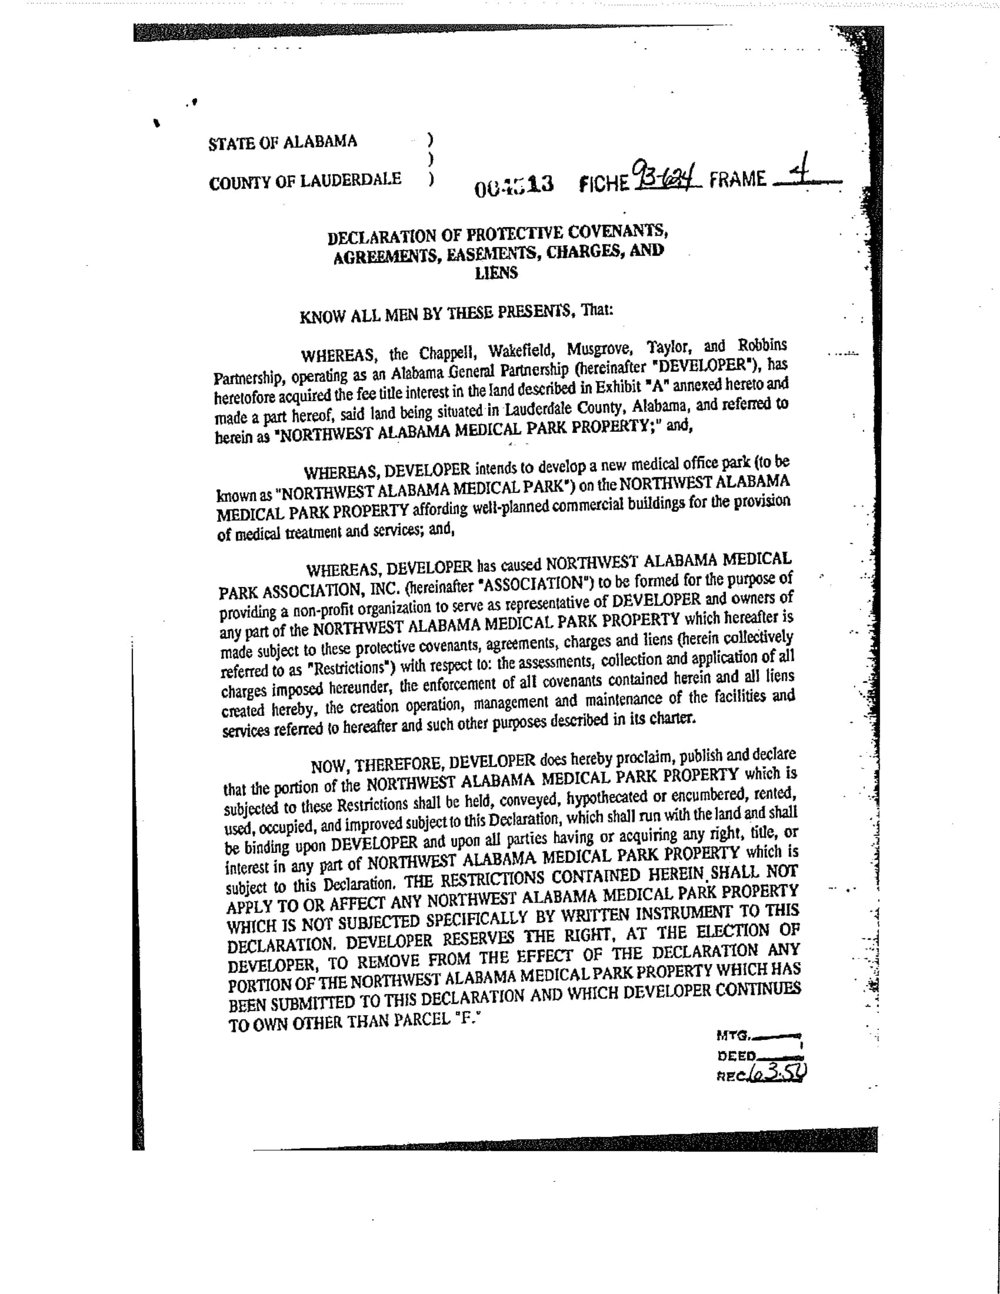 Covenants-Northwest-Alabama-Medical-Park-Property-1.jpg